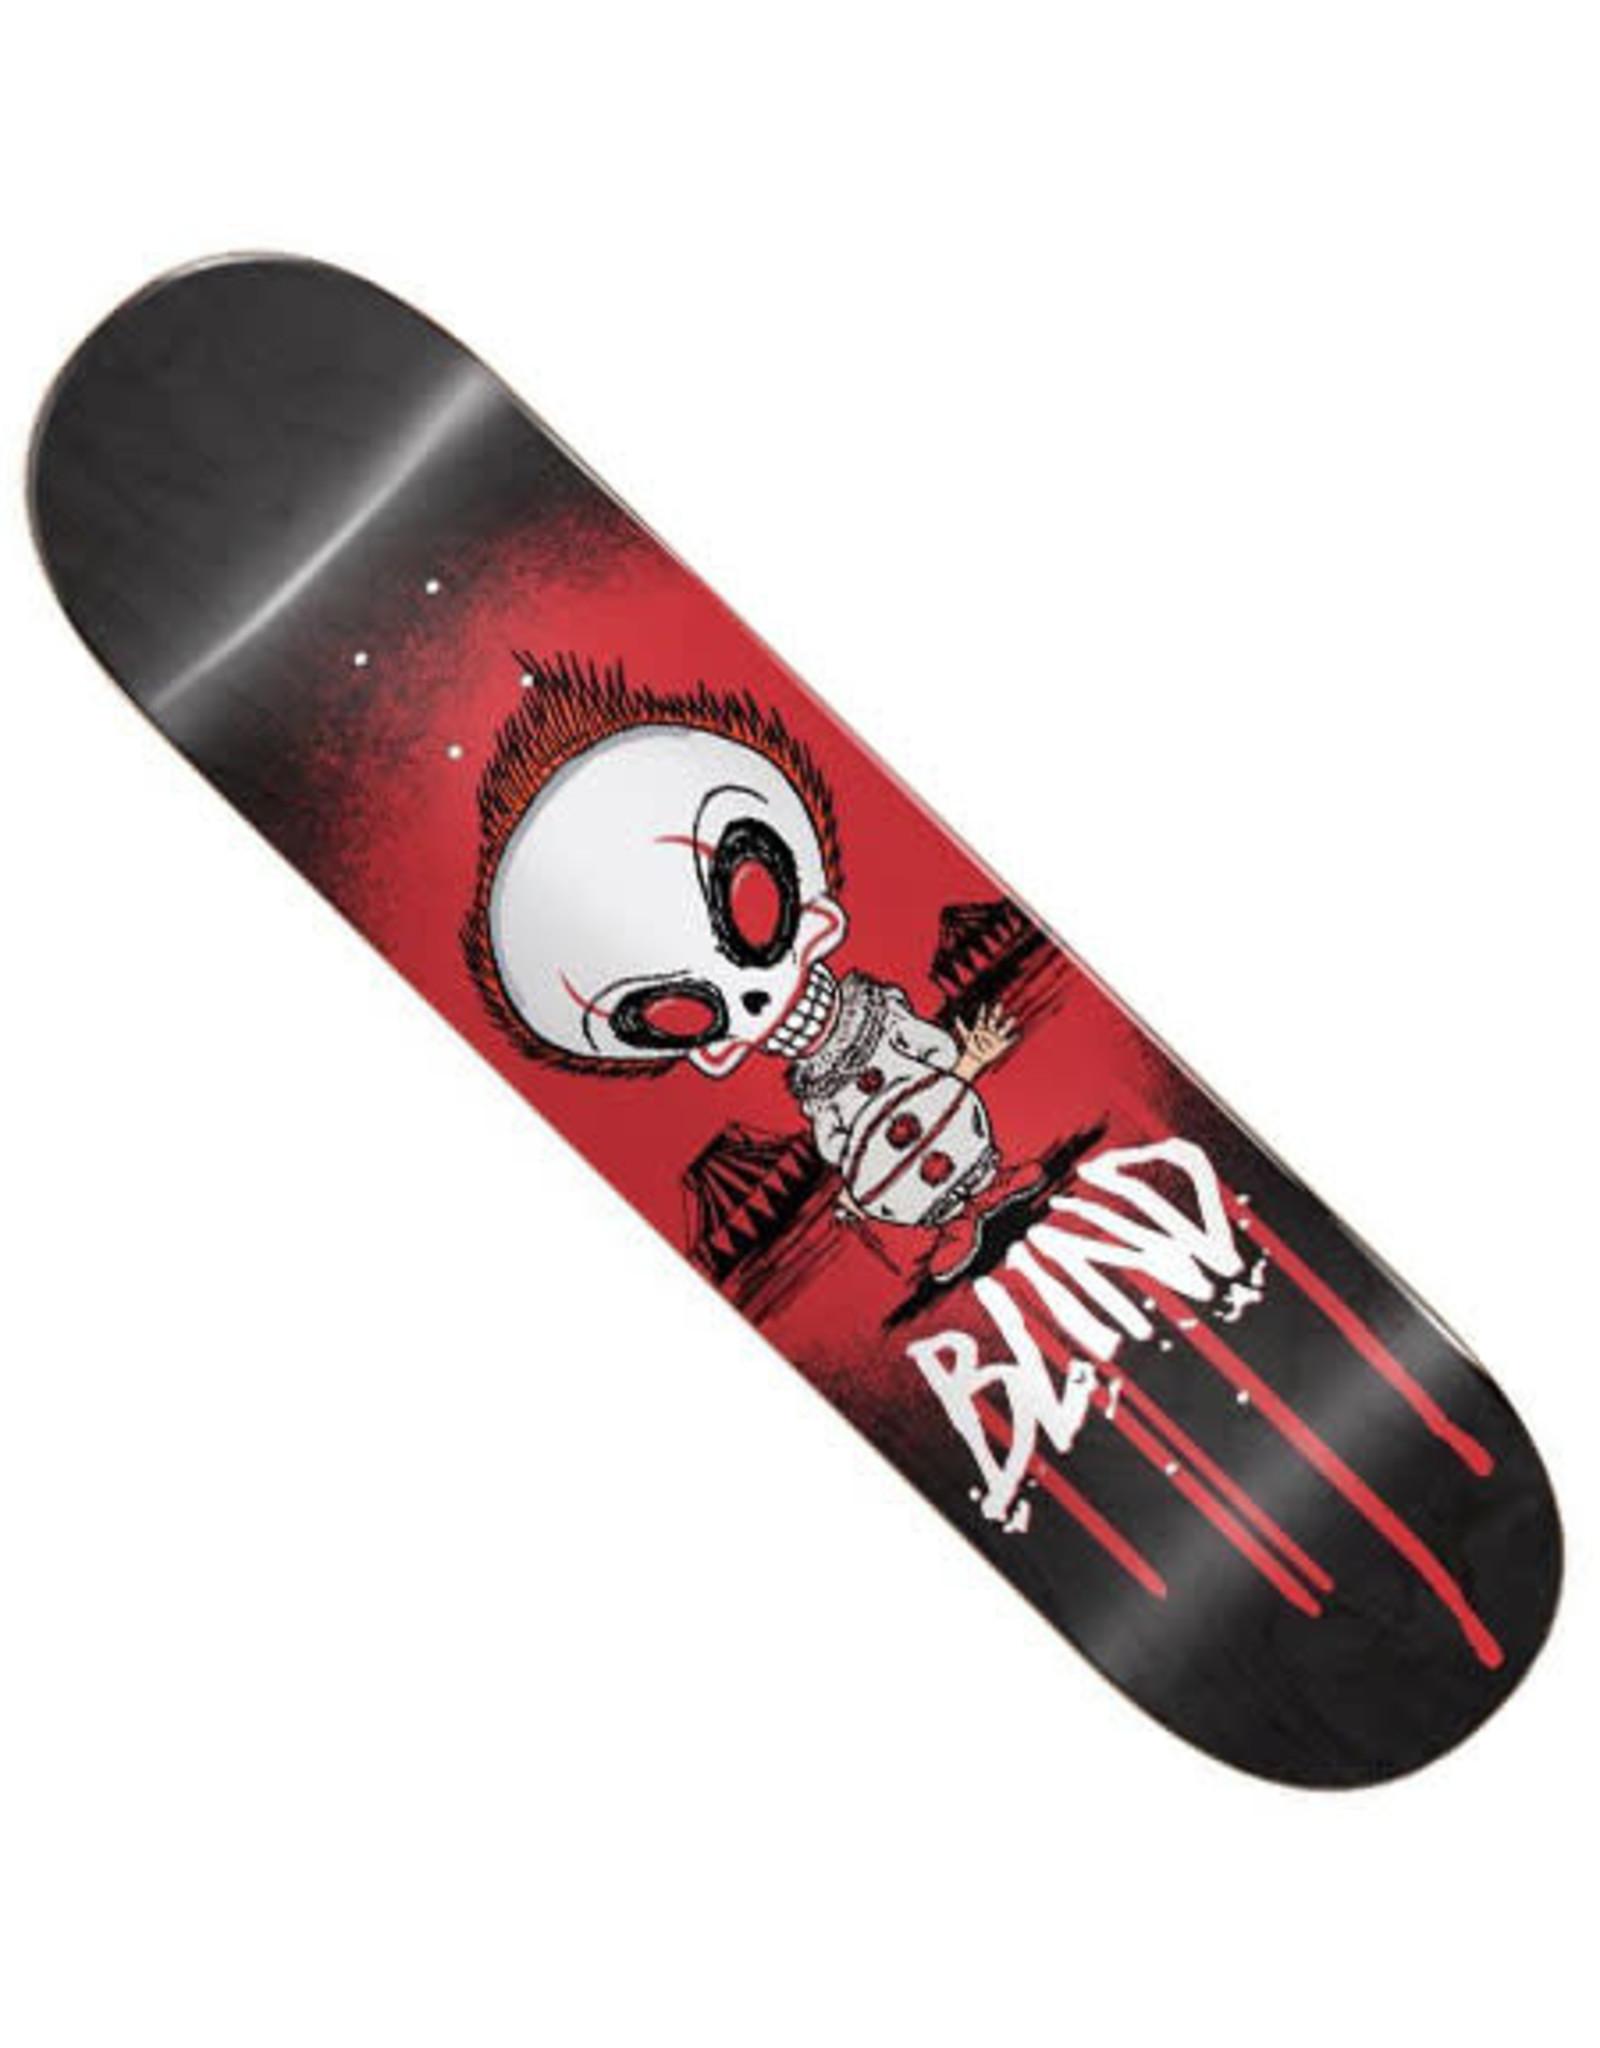 Blind - Skateboard maxham reaper horror